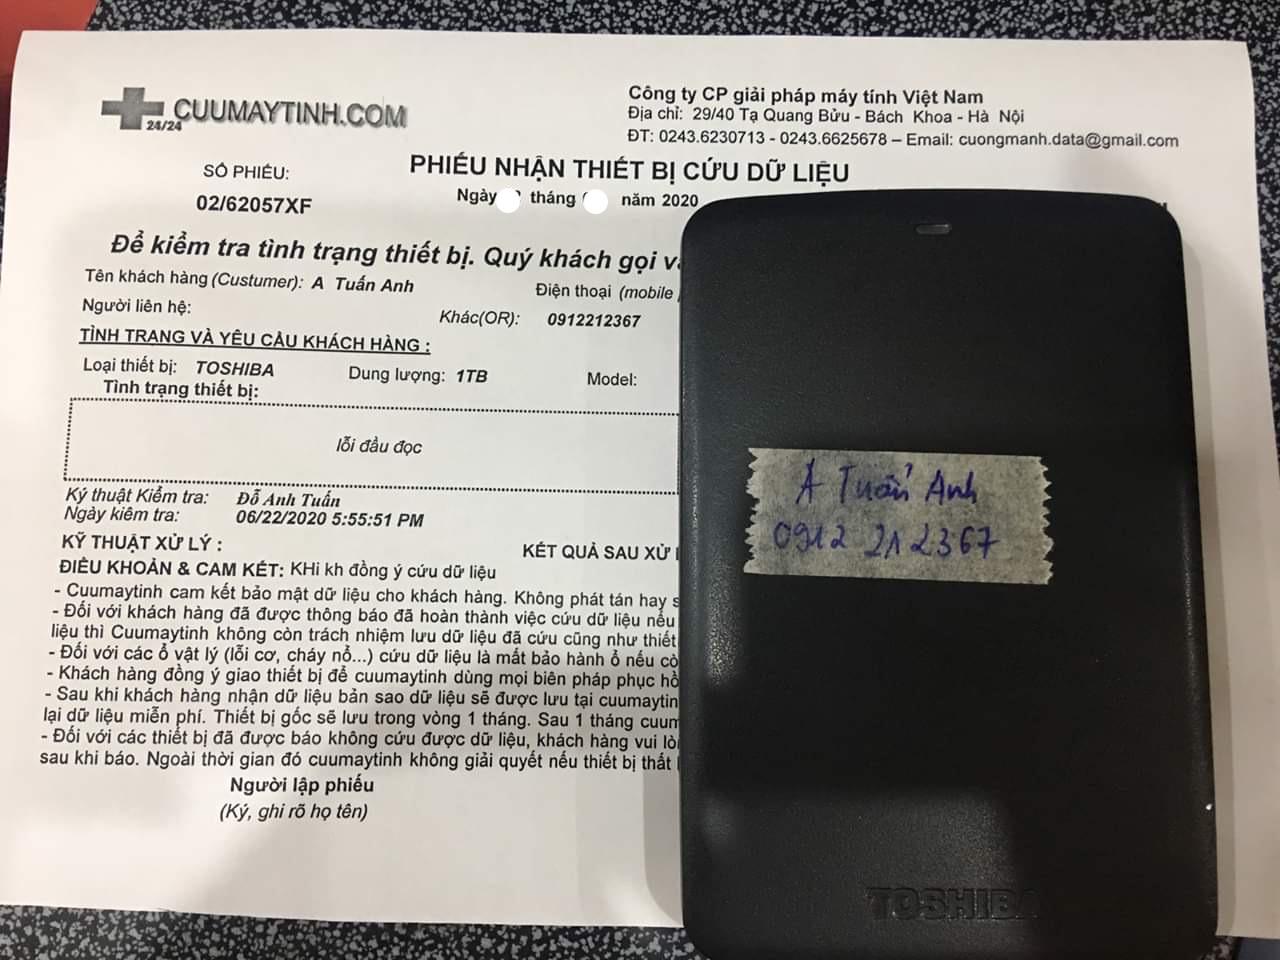 Khôi phục dữ liệu ổ cứng Toshiba 320GB lỗi cơ 02/07/2020 - cuumaytinh